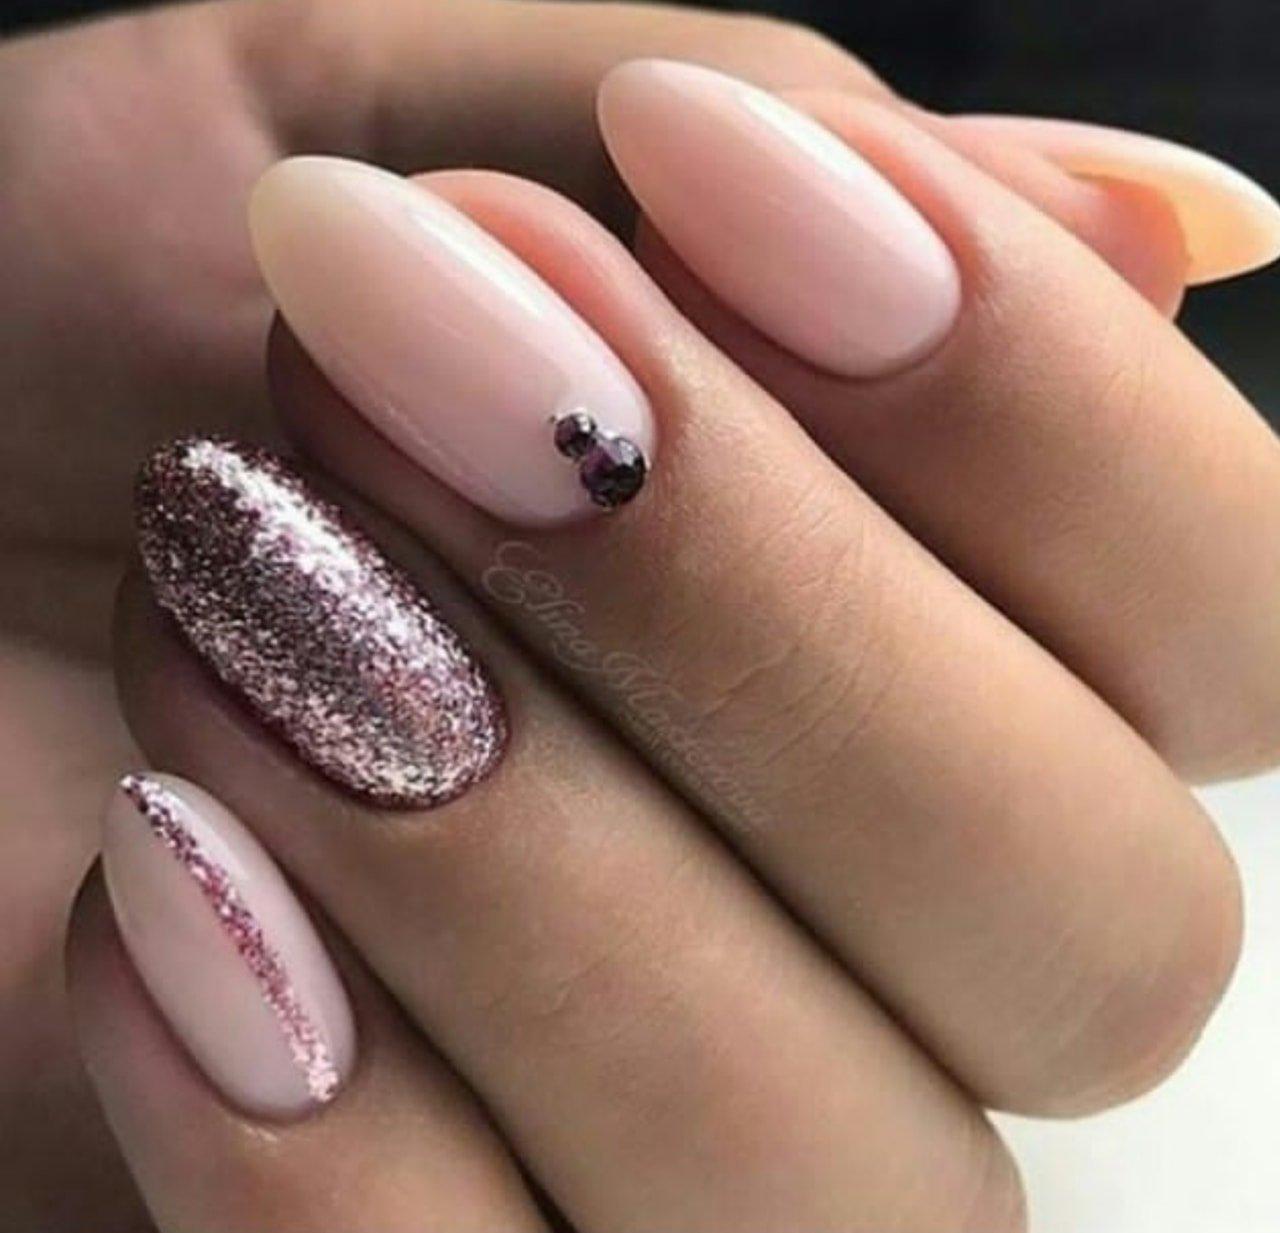 Маникюр на миндалевидные ногти 2020: фото новинки модного и